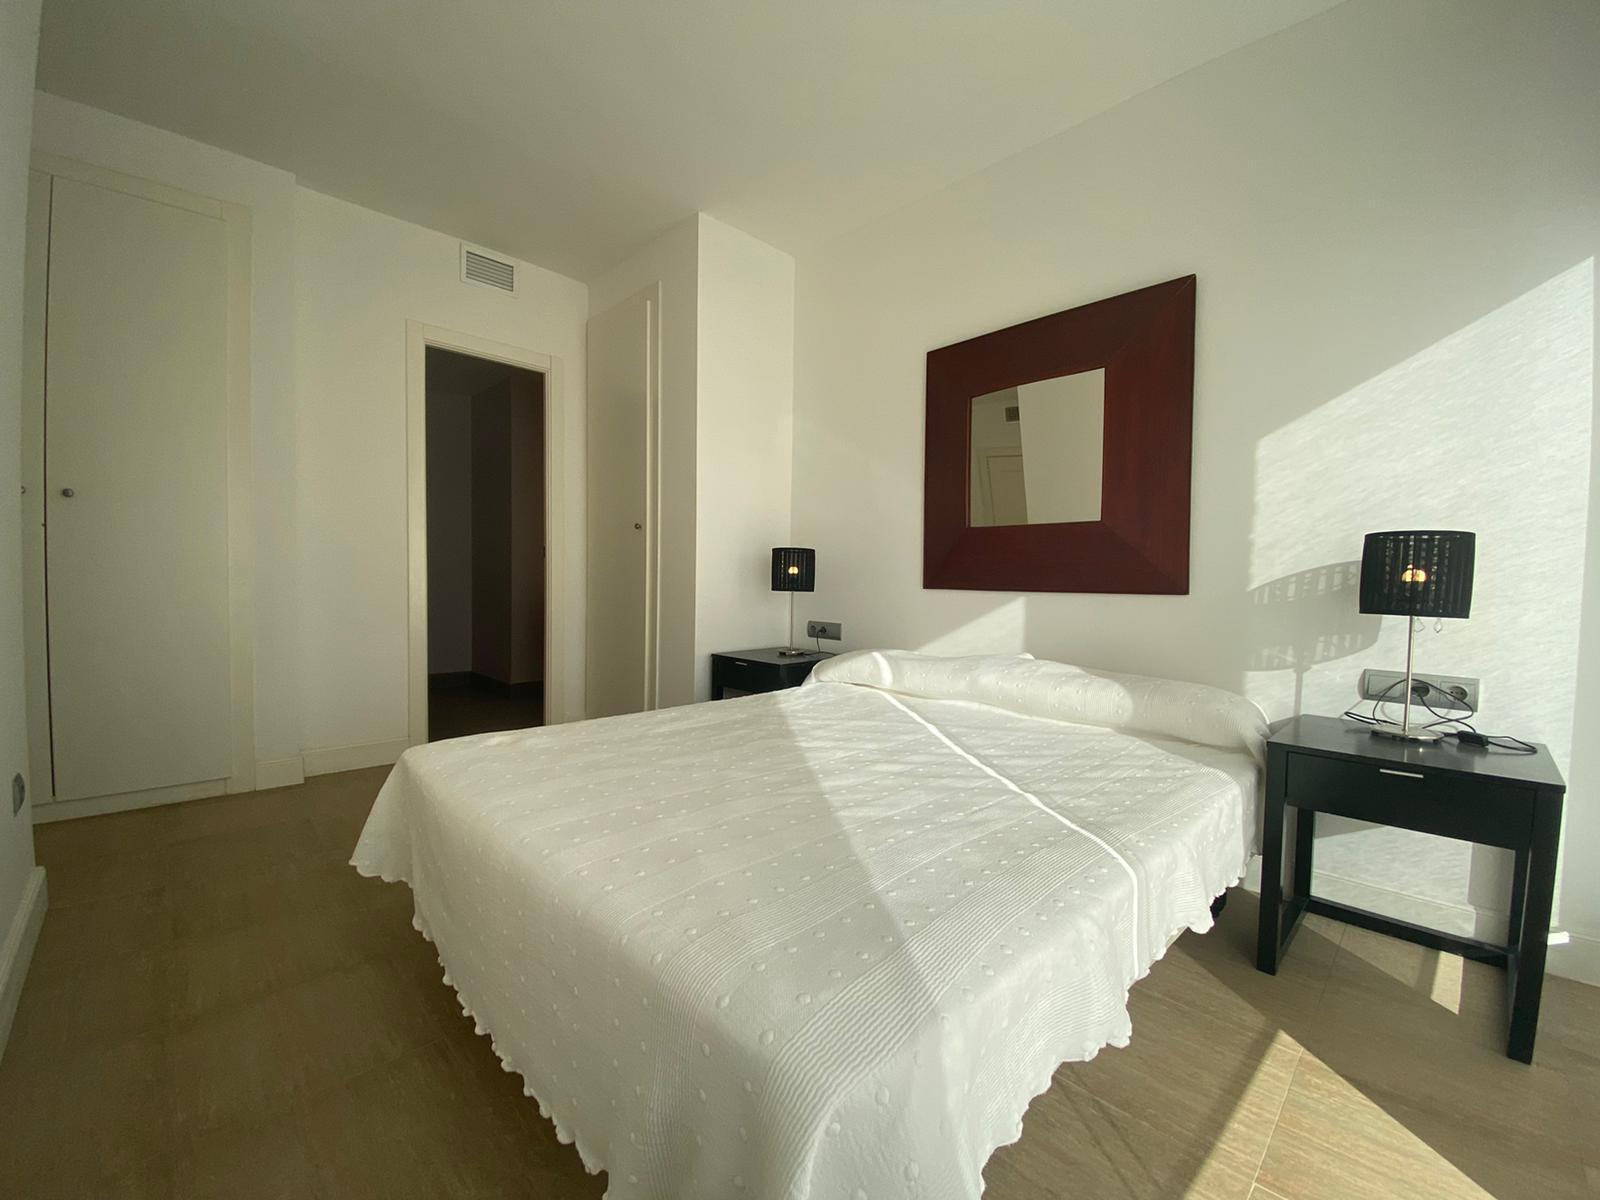 Imagen 10 del Apartamento Turístico, Ático 7 Levante (3d +2b), Punta del Moral (HUELVA), Paseo de la Cruz nº22